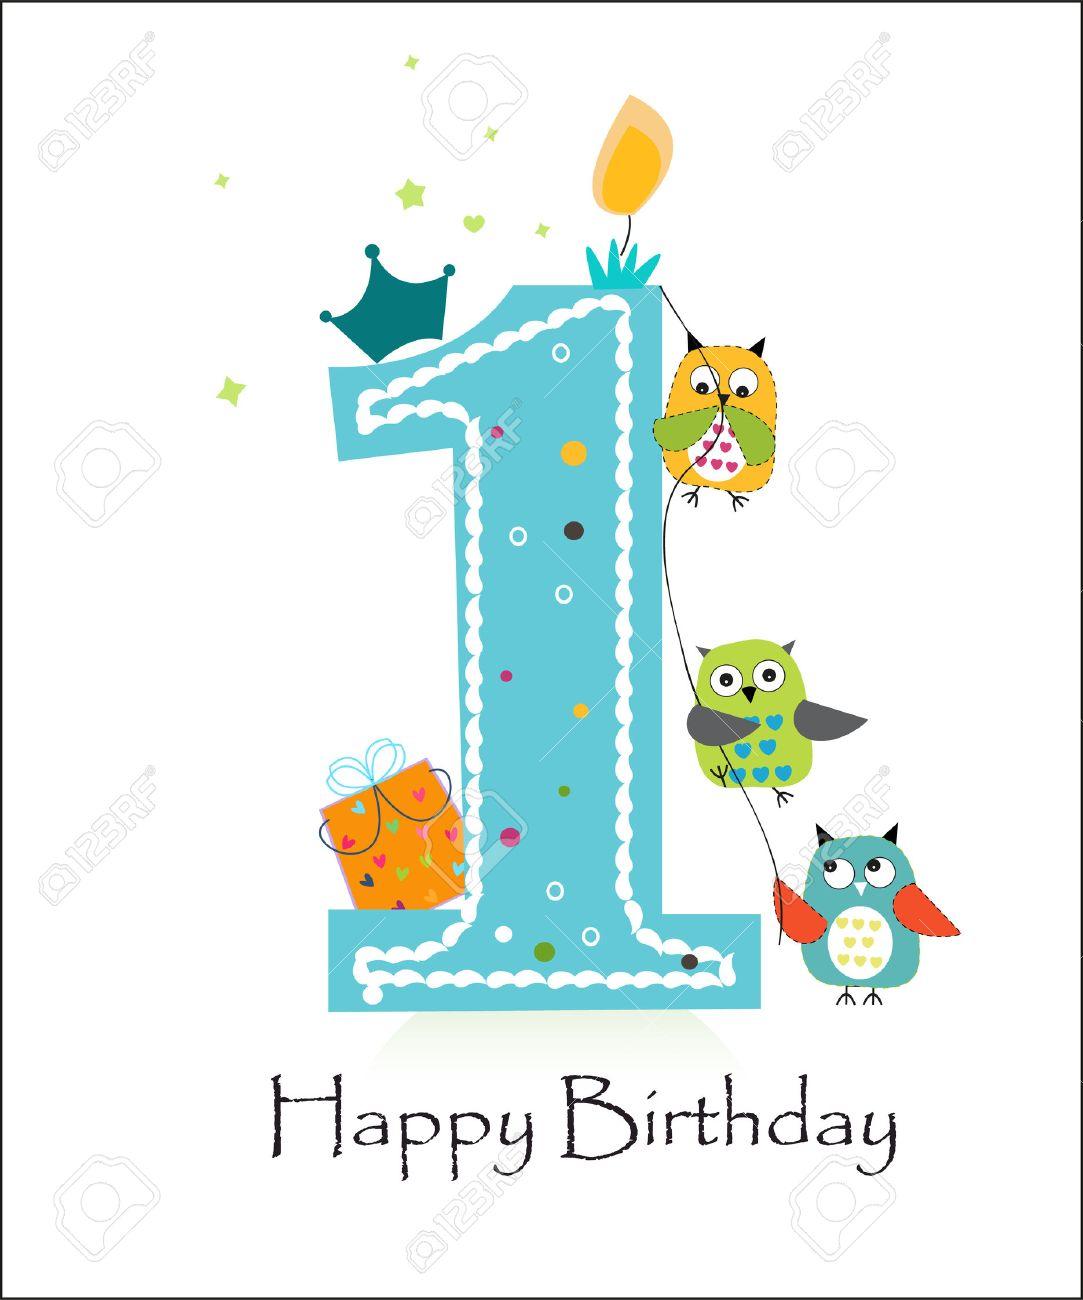 Einladung Geburtstag: Glückliche Ersten Geburtstag Mit Eulen Baby Boy  Grußkarte Vektor  Illustration